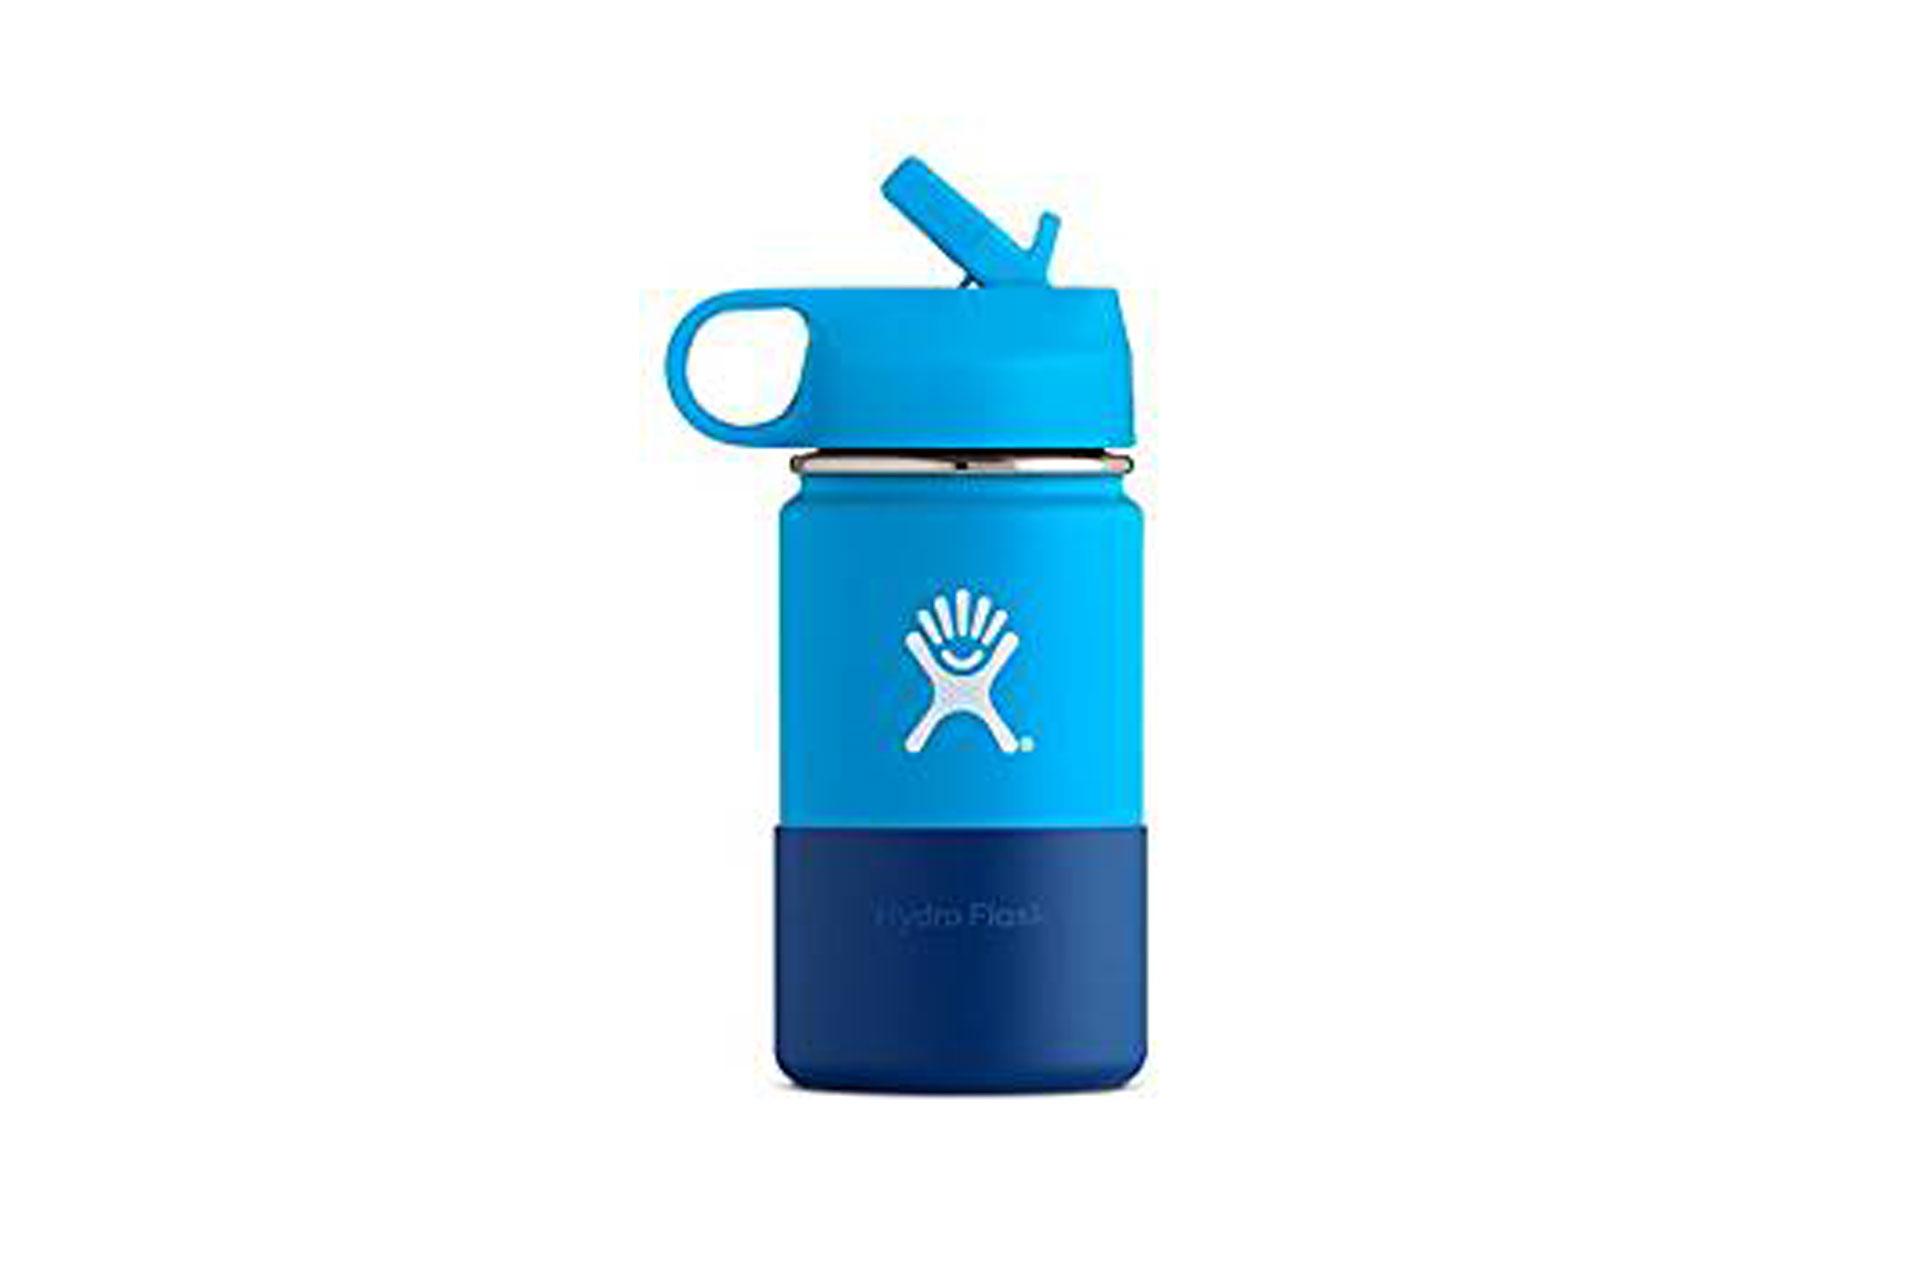 Hyrdoflask Water Bottle; Courtesy of Amazon